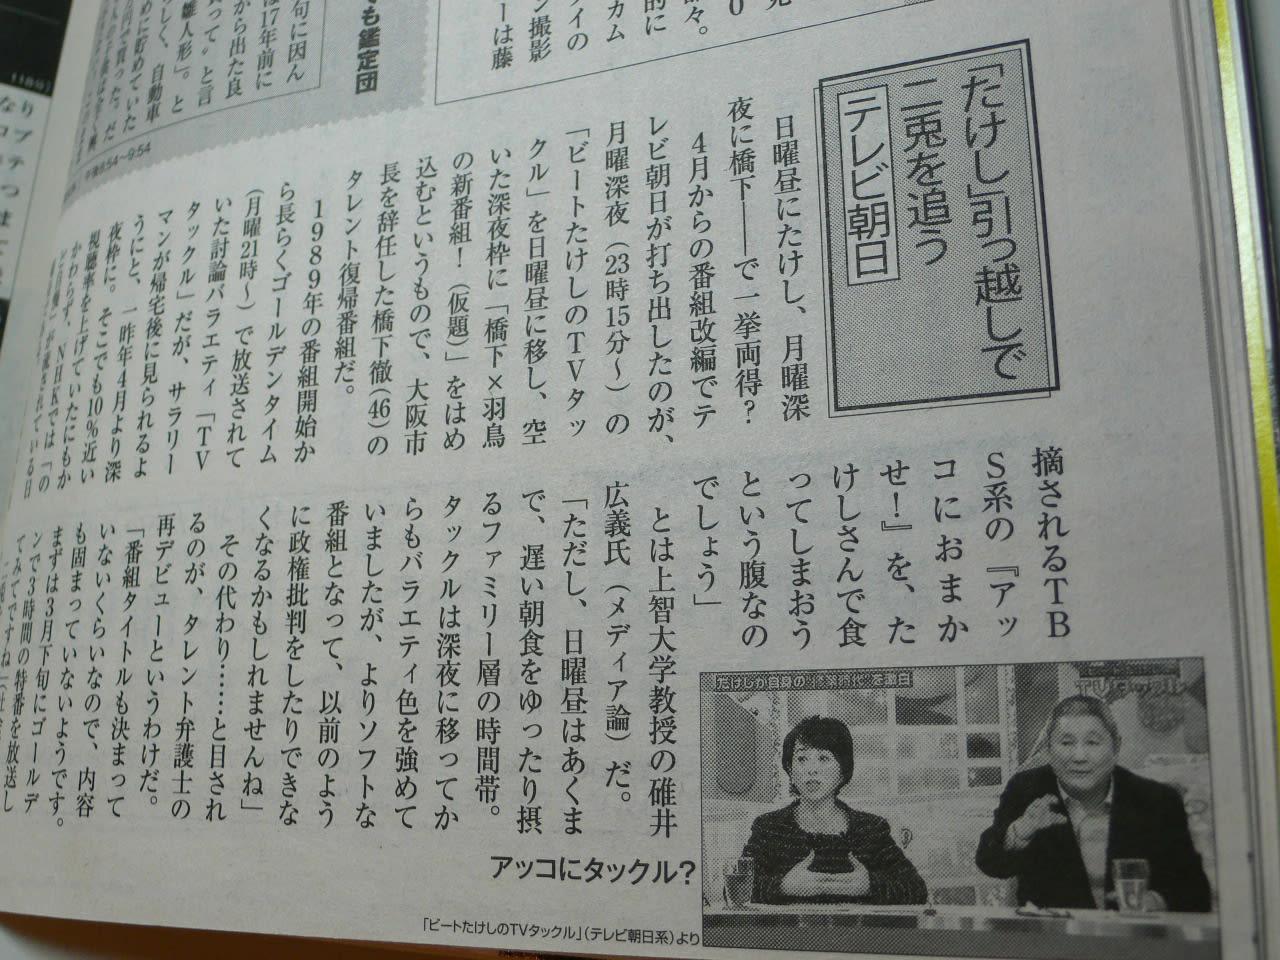 吉田潮の画像 p1_1